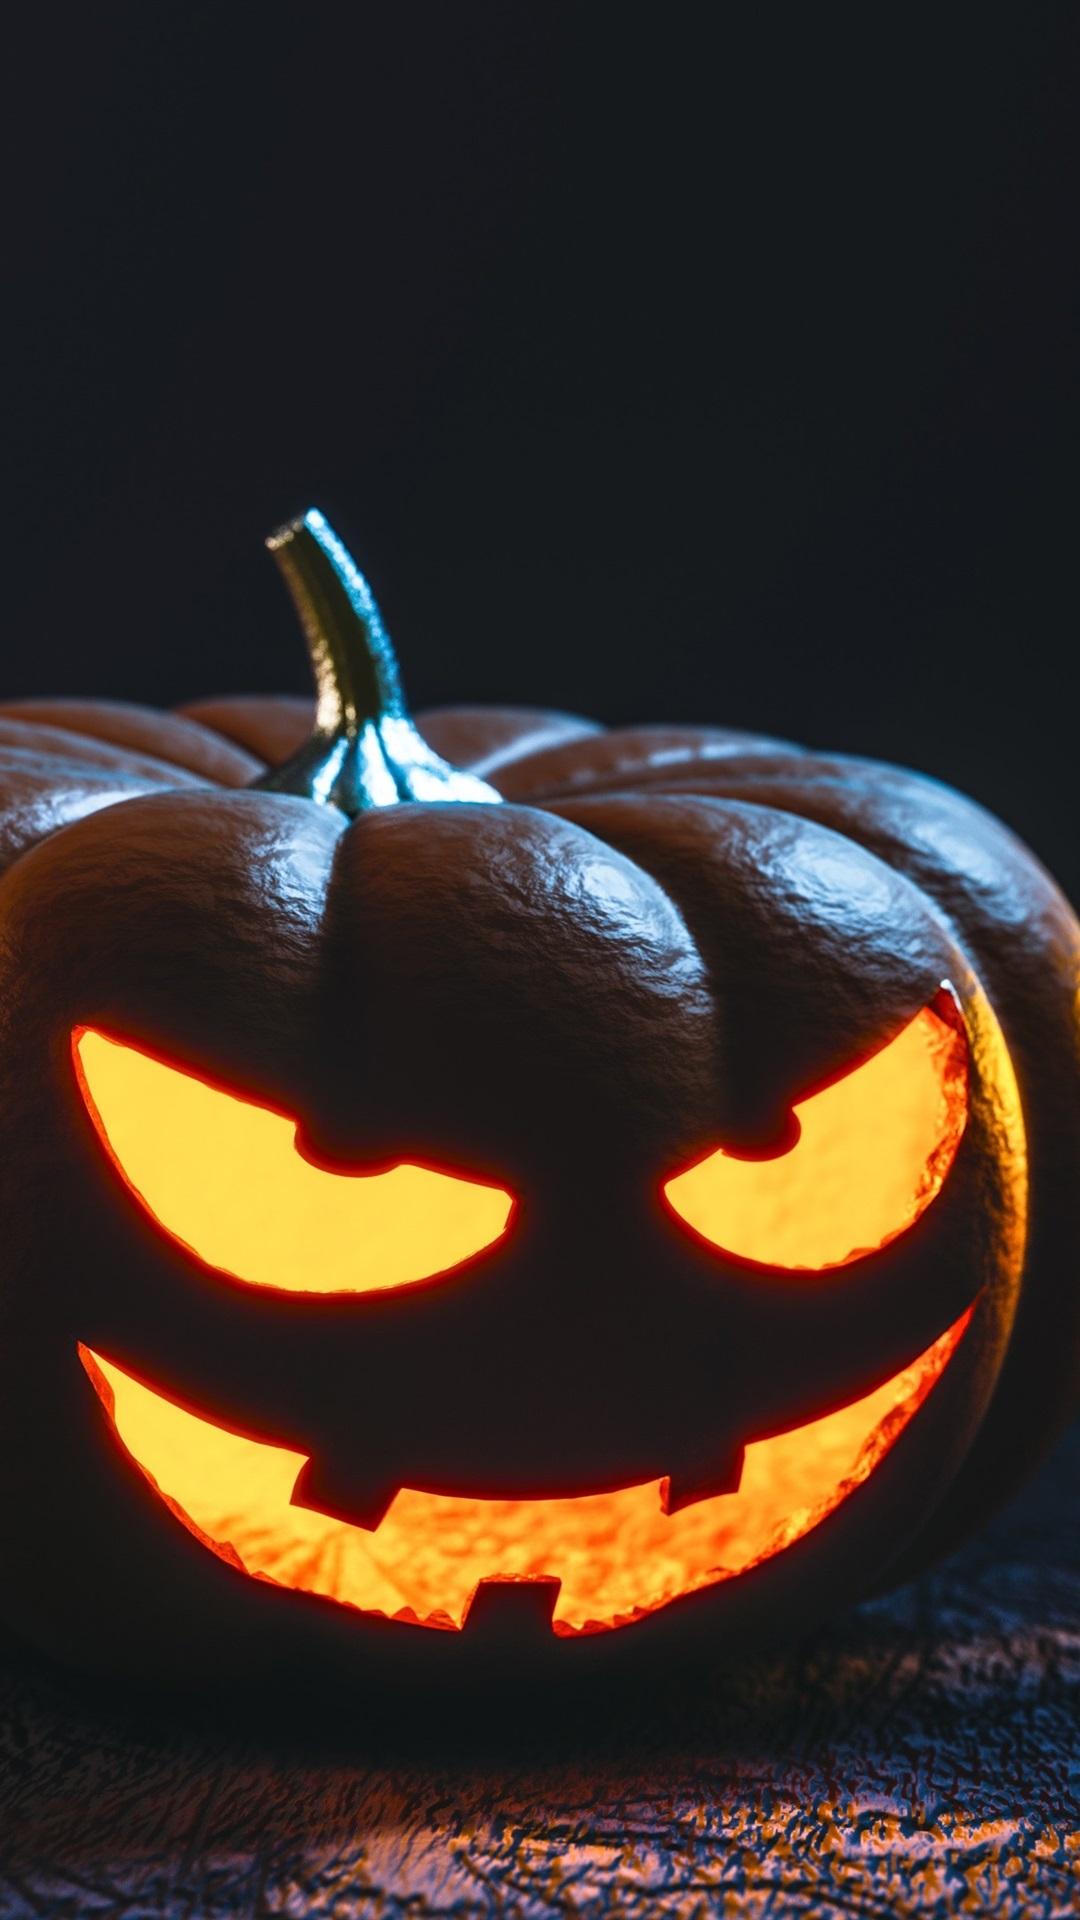 Two Pumpkin Lamps Halloween Dark 1080x1920 Iphone 8 7 6 6s Plus